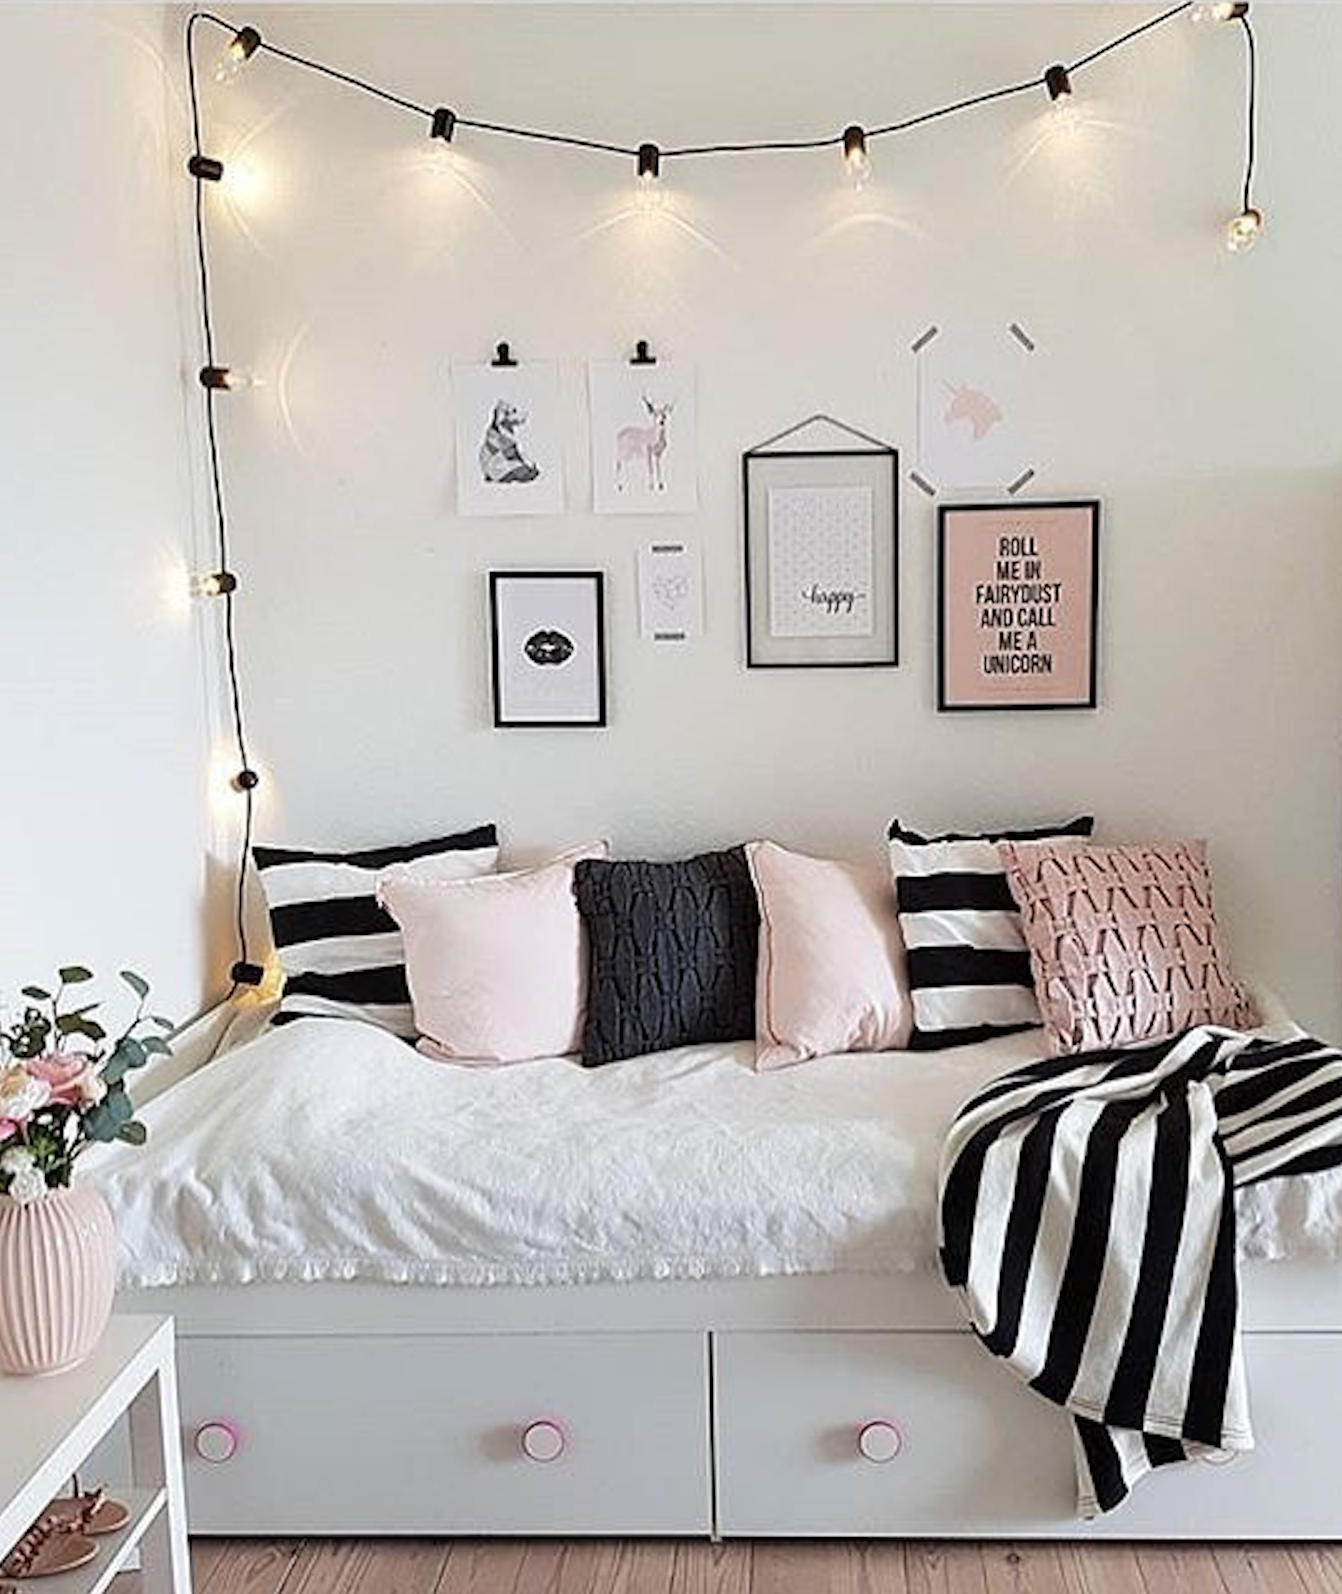 Bedroom Diy Decor According To Your Personality Decoracion De